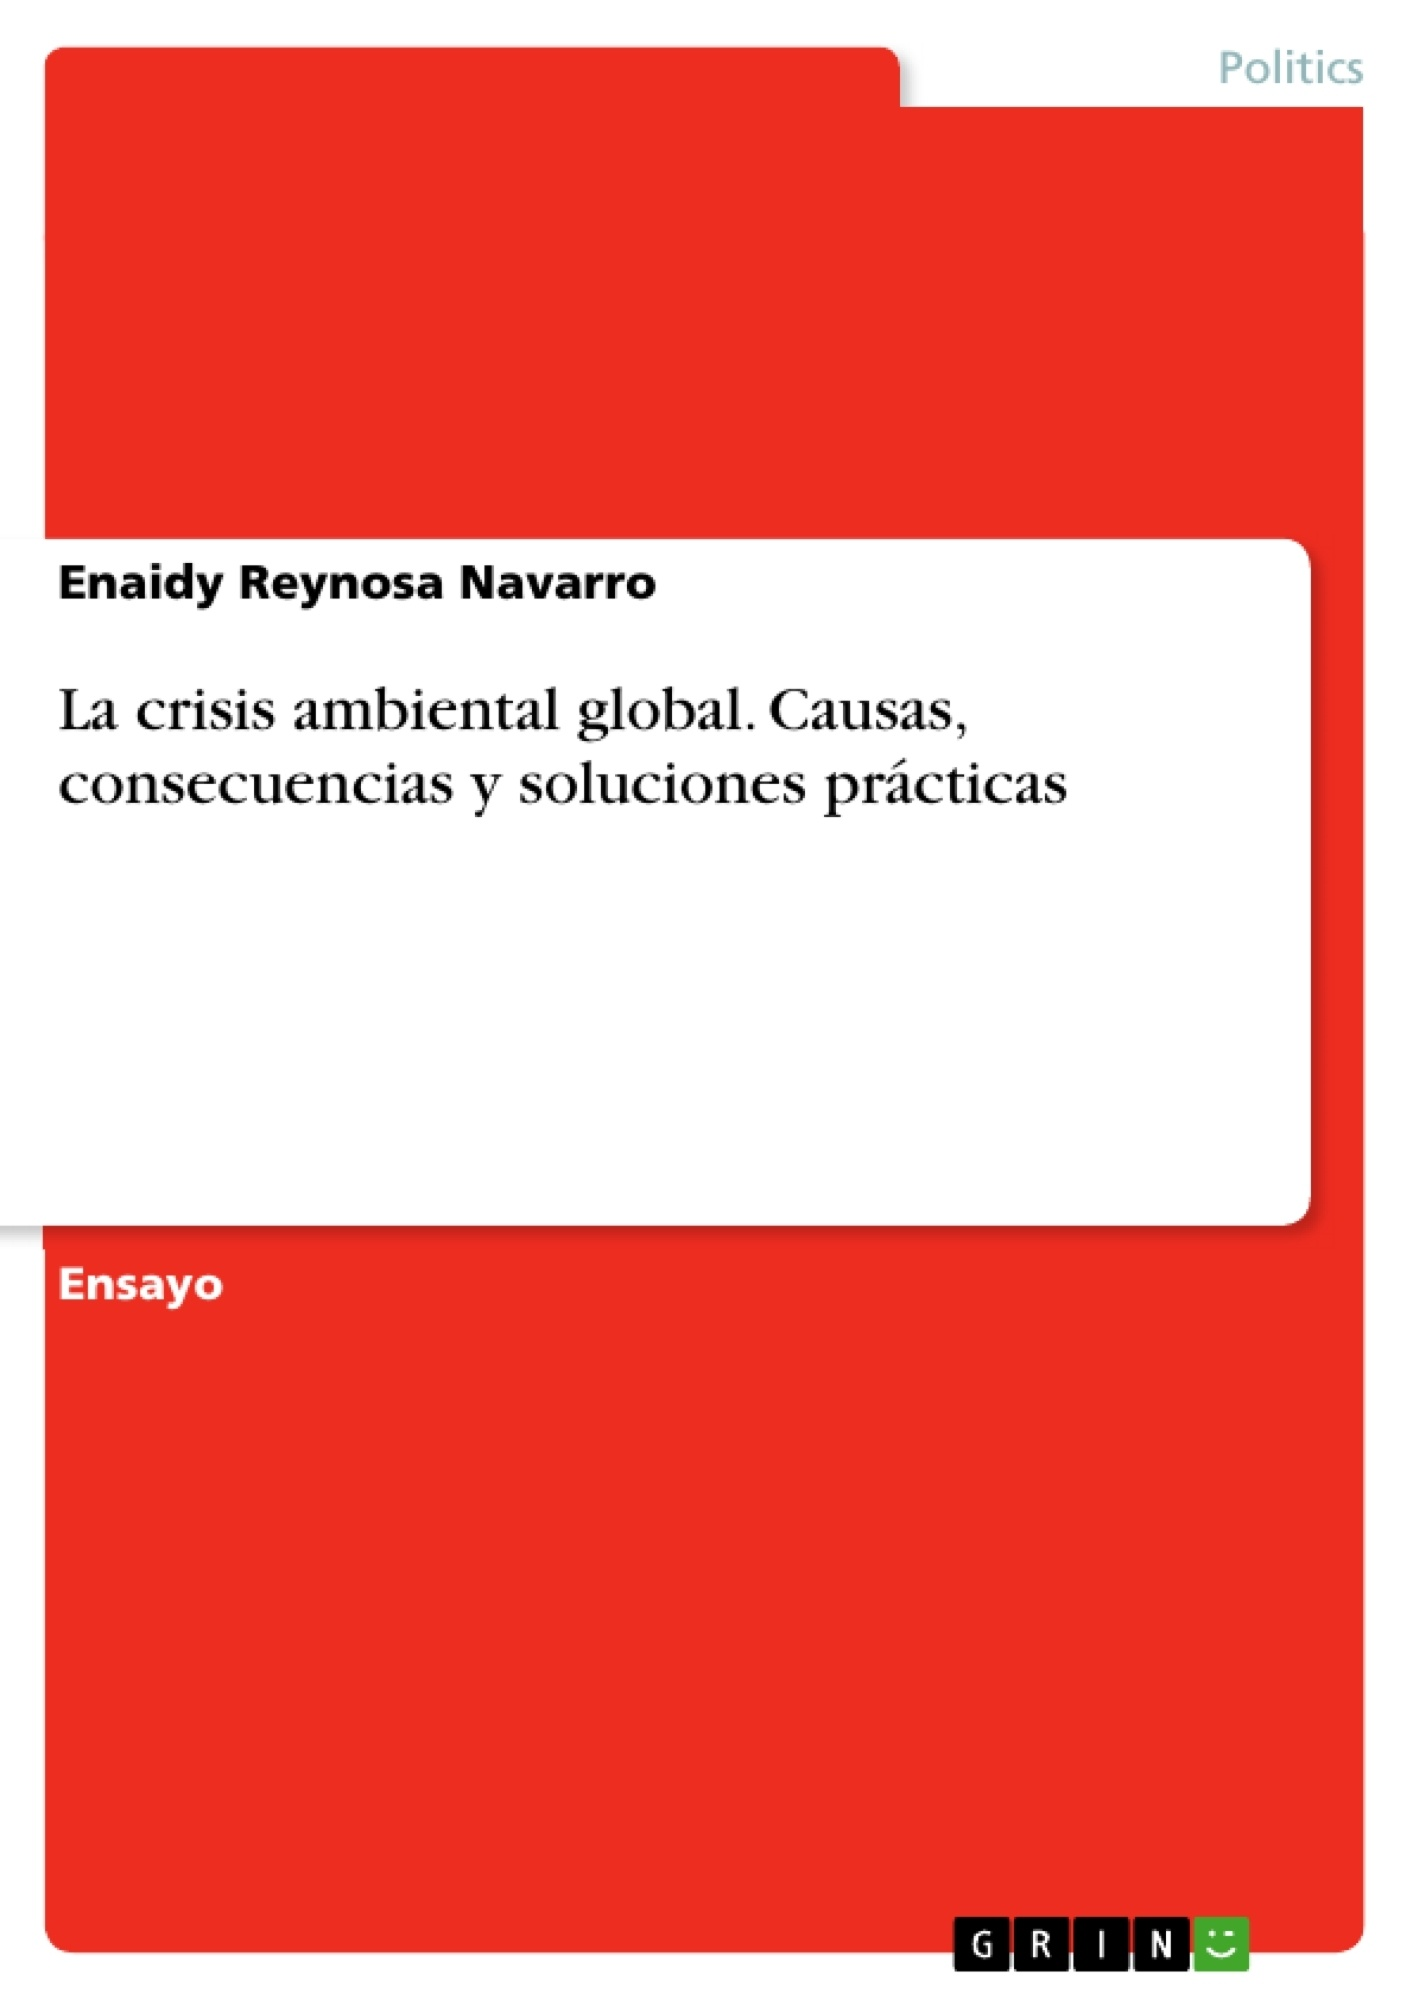 Título: La crisis ambiental global. Causas, consecuencias y soluciones prácticas